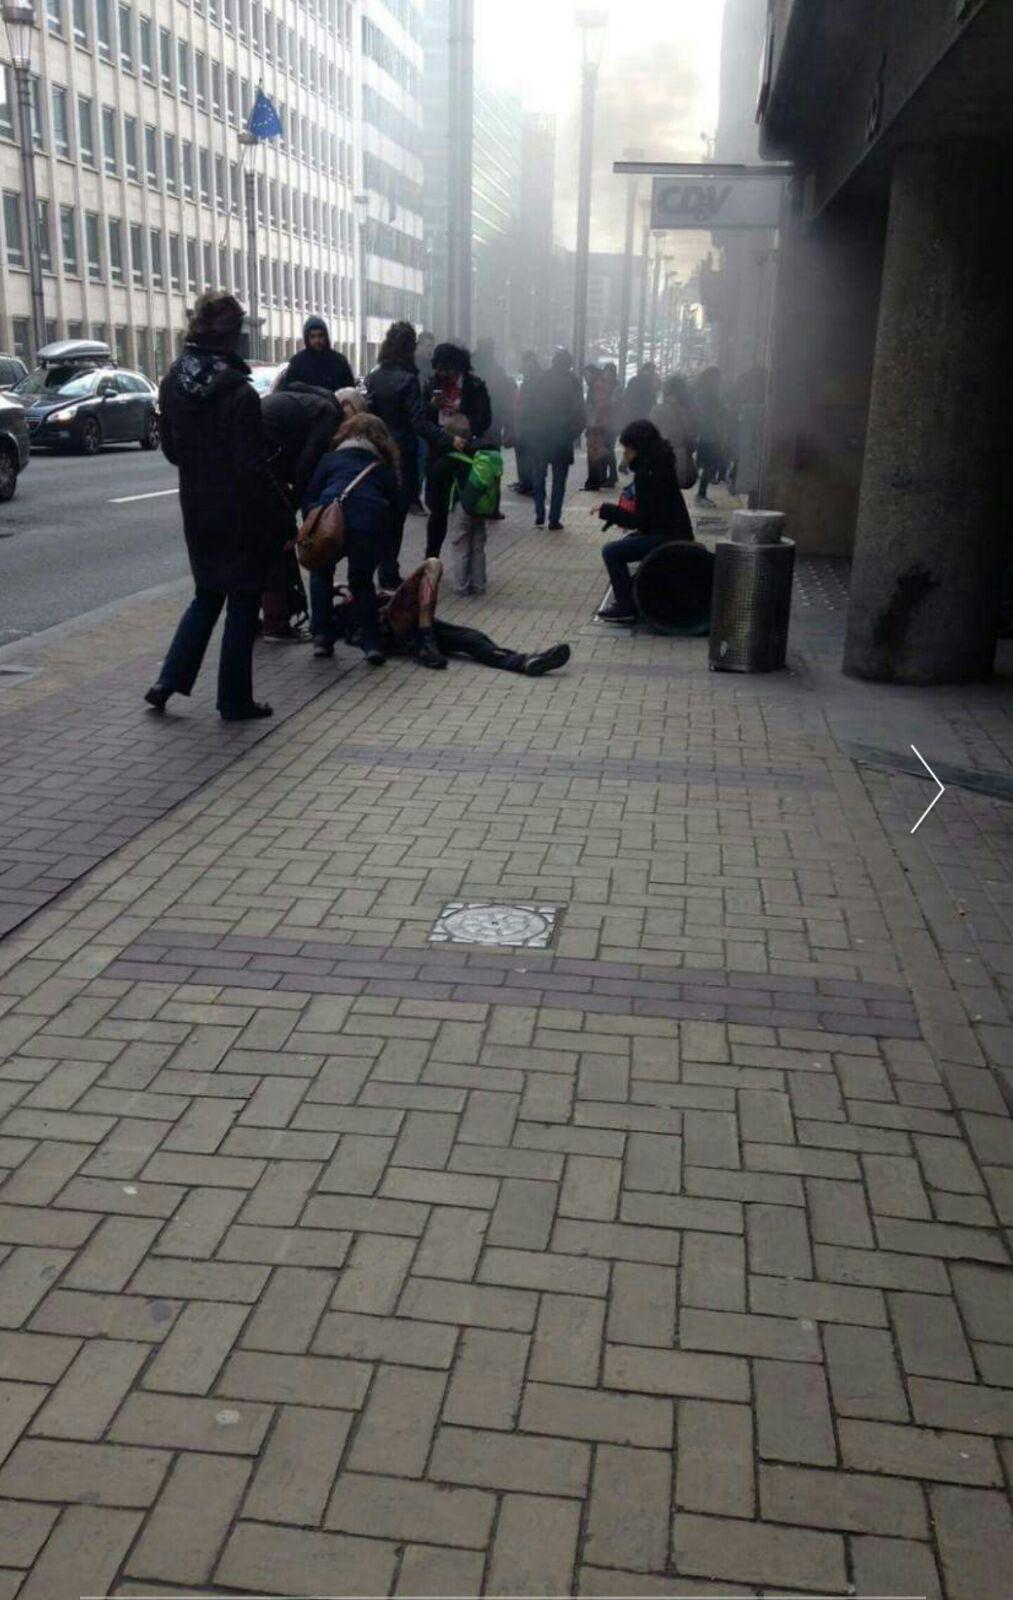 Le foto della strage di Bruxelles 22 marzo 2016  Marco Gregoretti